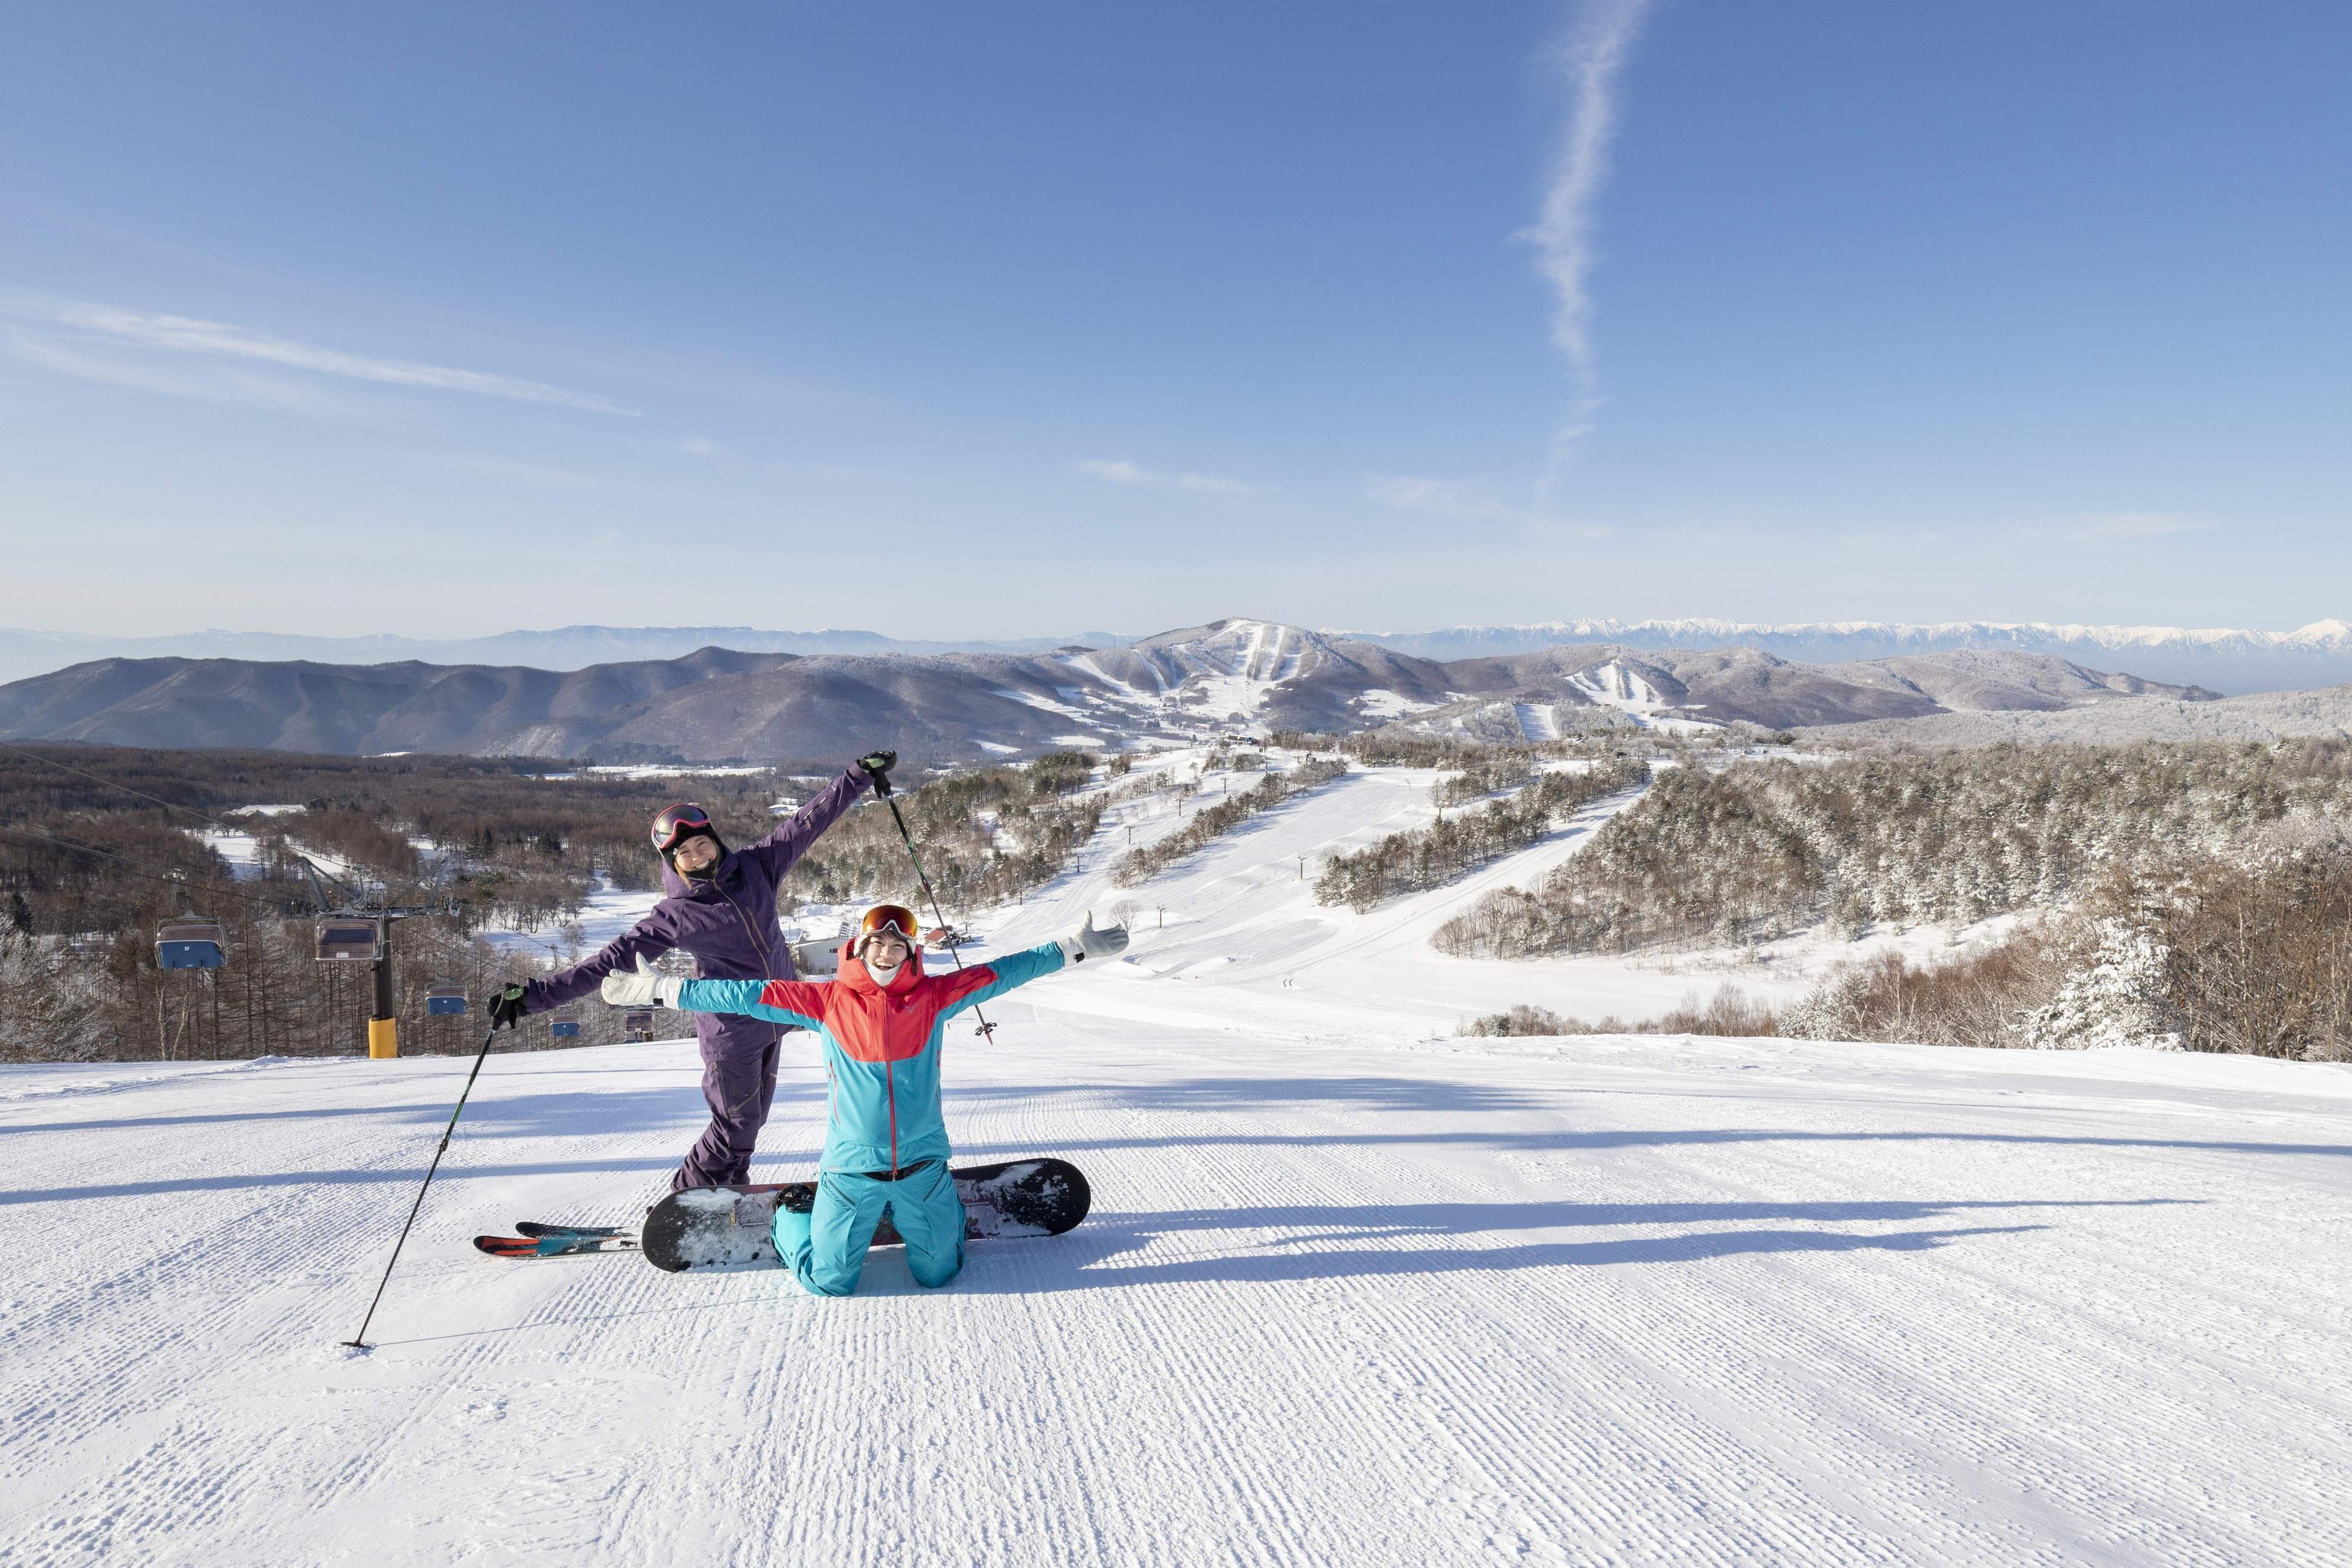 菅平高原スキー場のマイカープランイメージ2